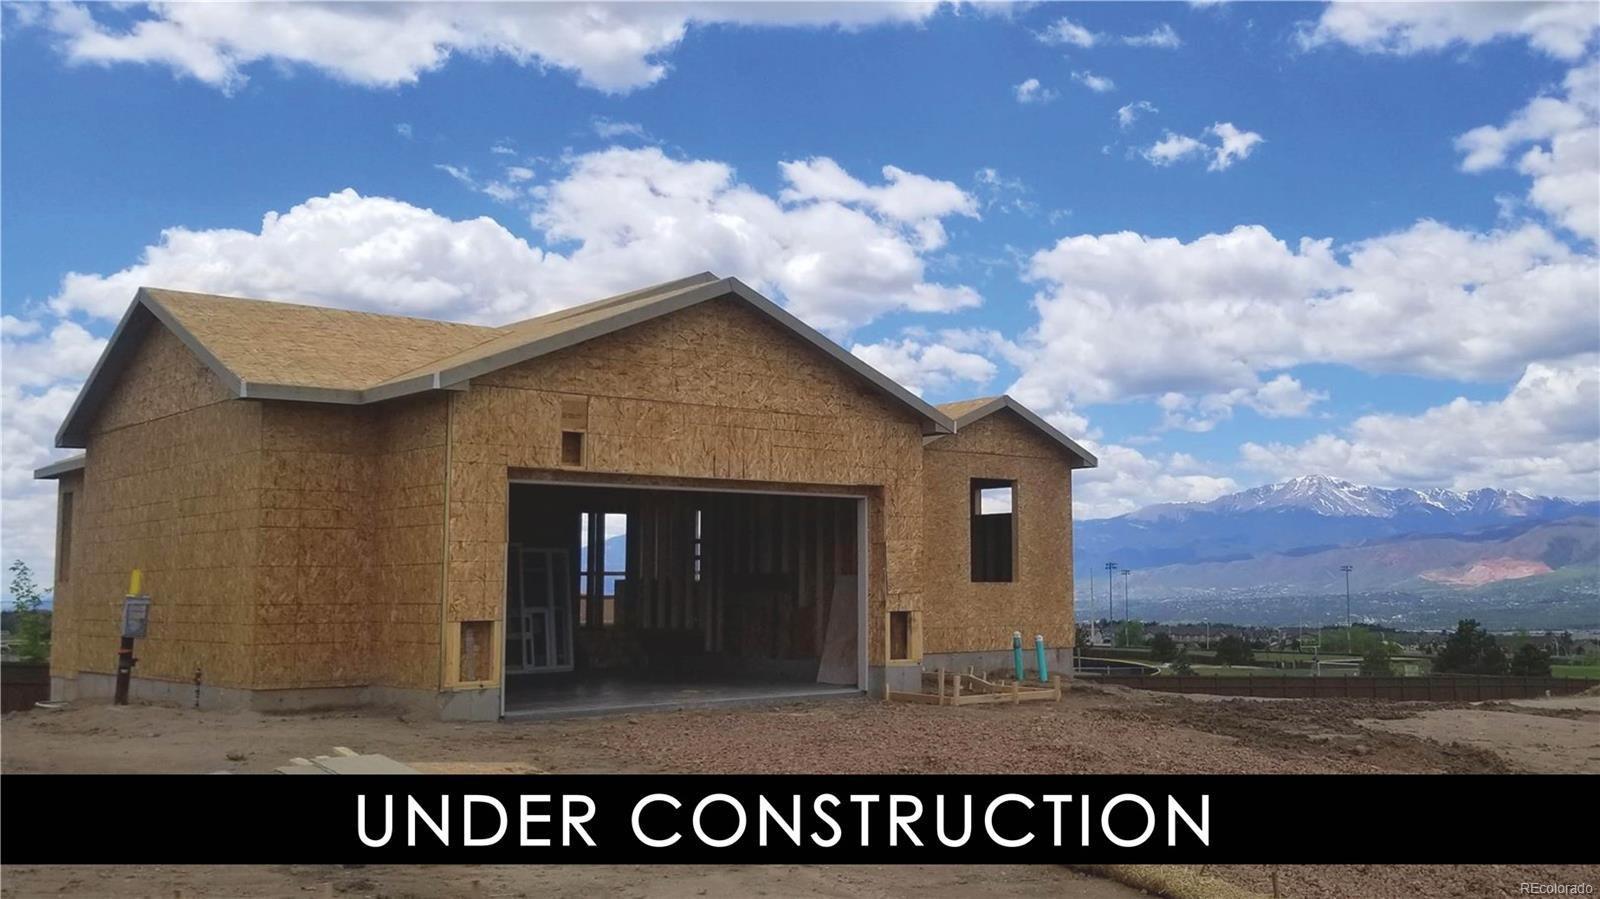 MLS# 6092235 - 1 - 10756 Hidden Brook Circle, Colorado Springs, CO 80908